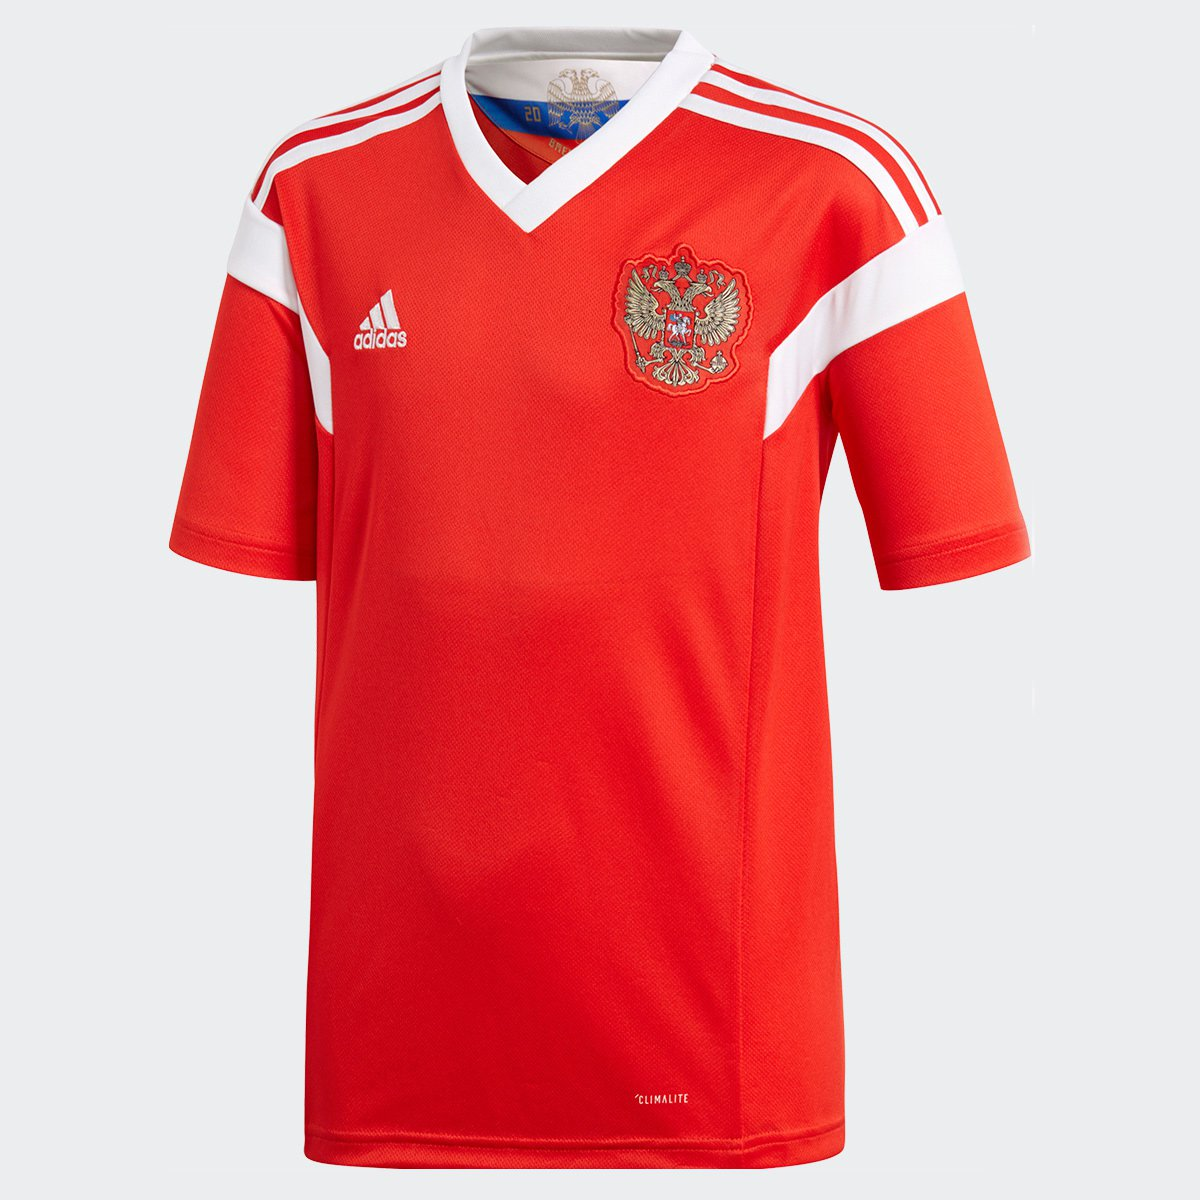 Seleção Rússia Home Camisa Vermelho s 2018 Adidas n° Infantil Torcedor 46wqdxg